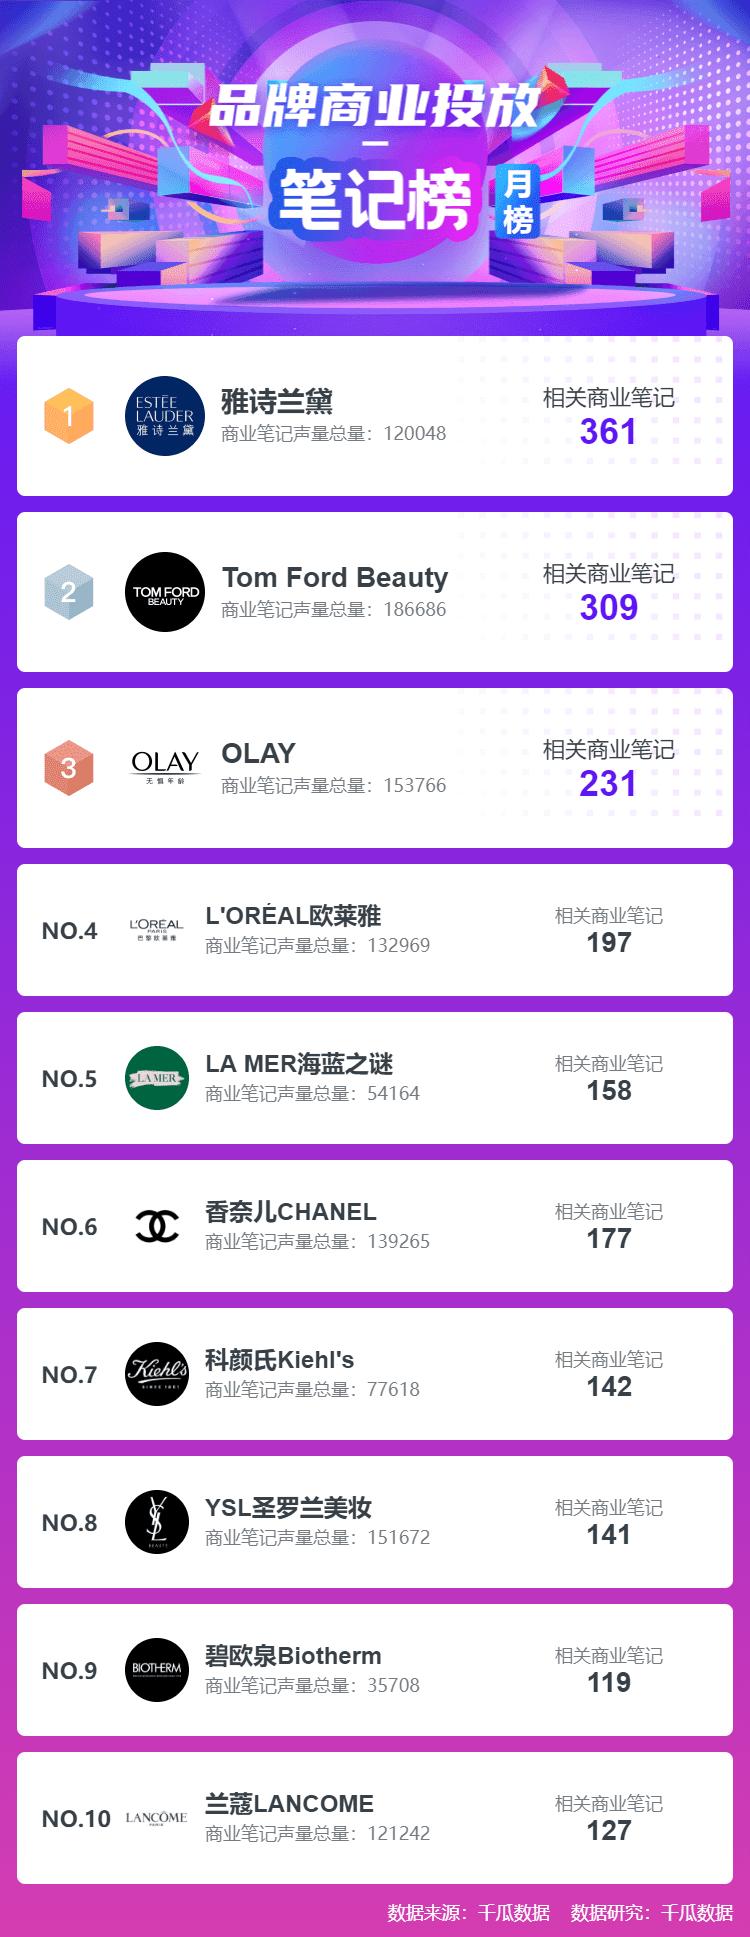 小红书8月榜单!千瓜小红书品牌MCN创作者直播排行榜